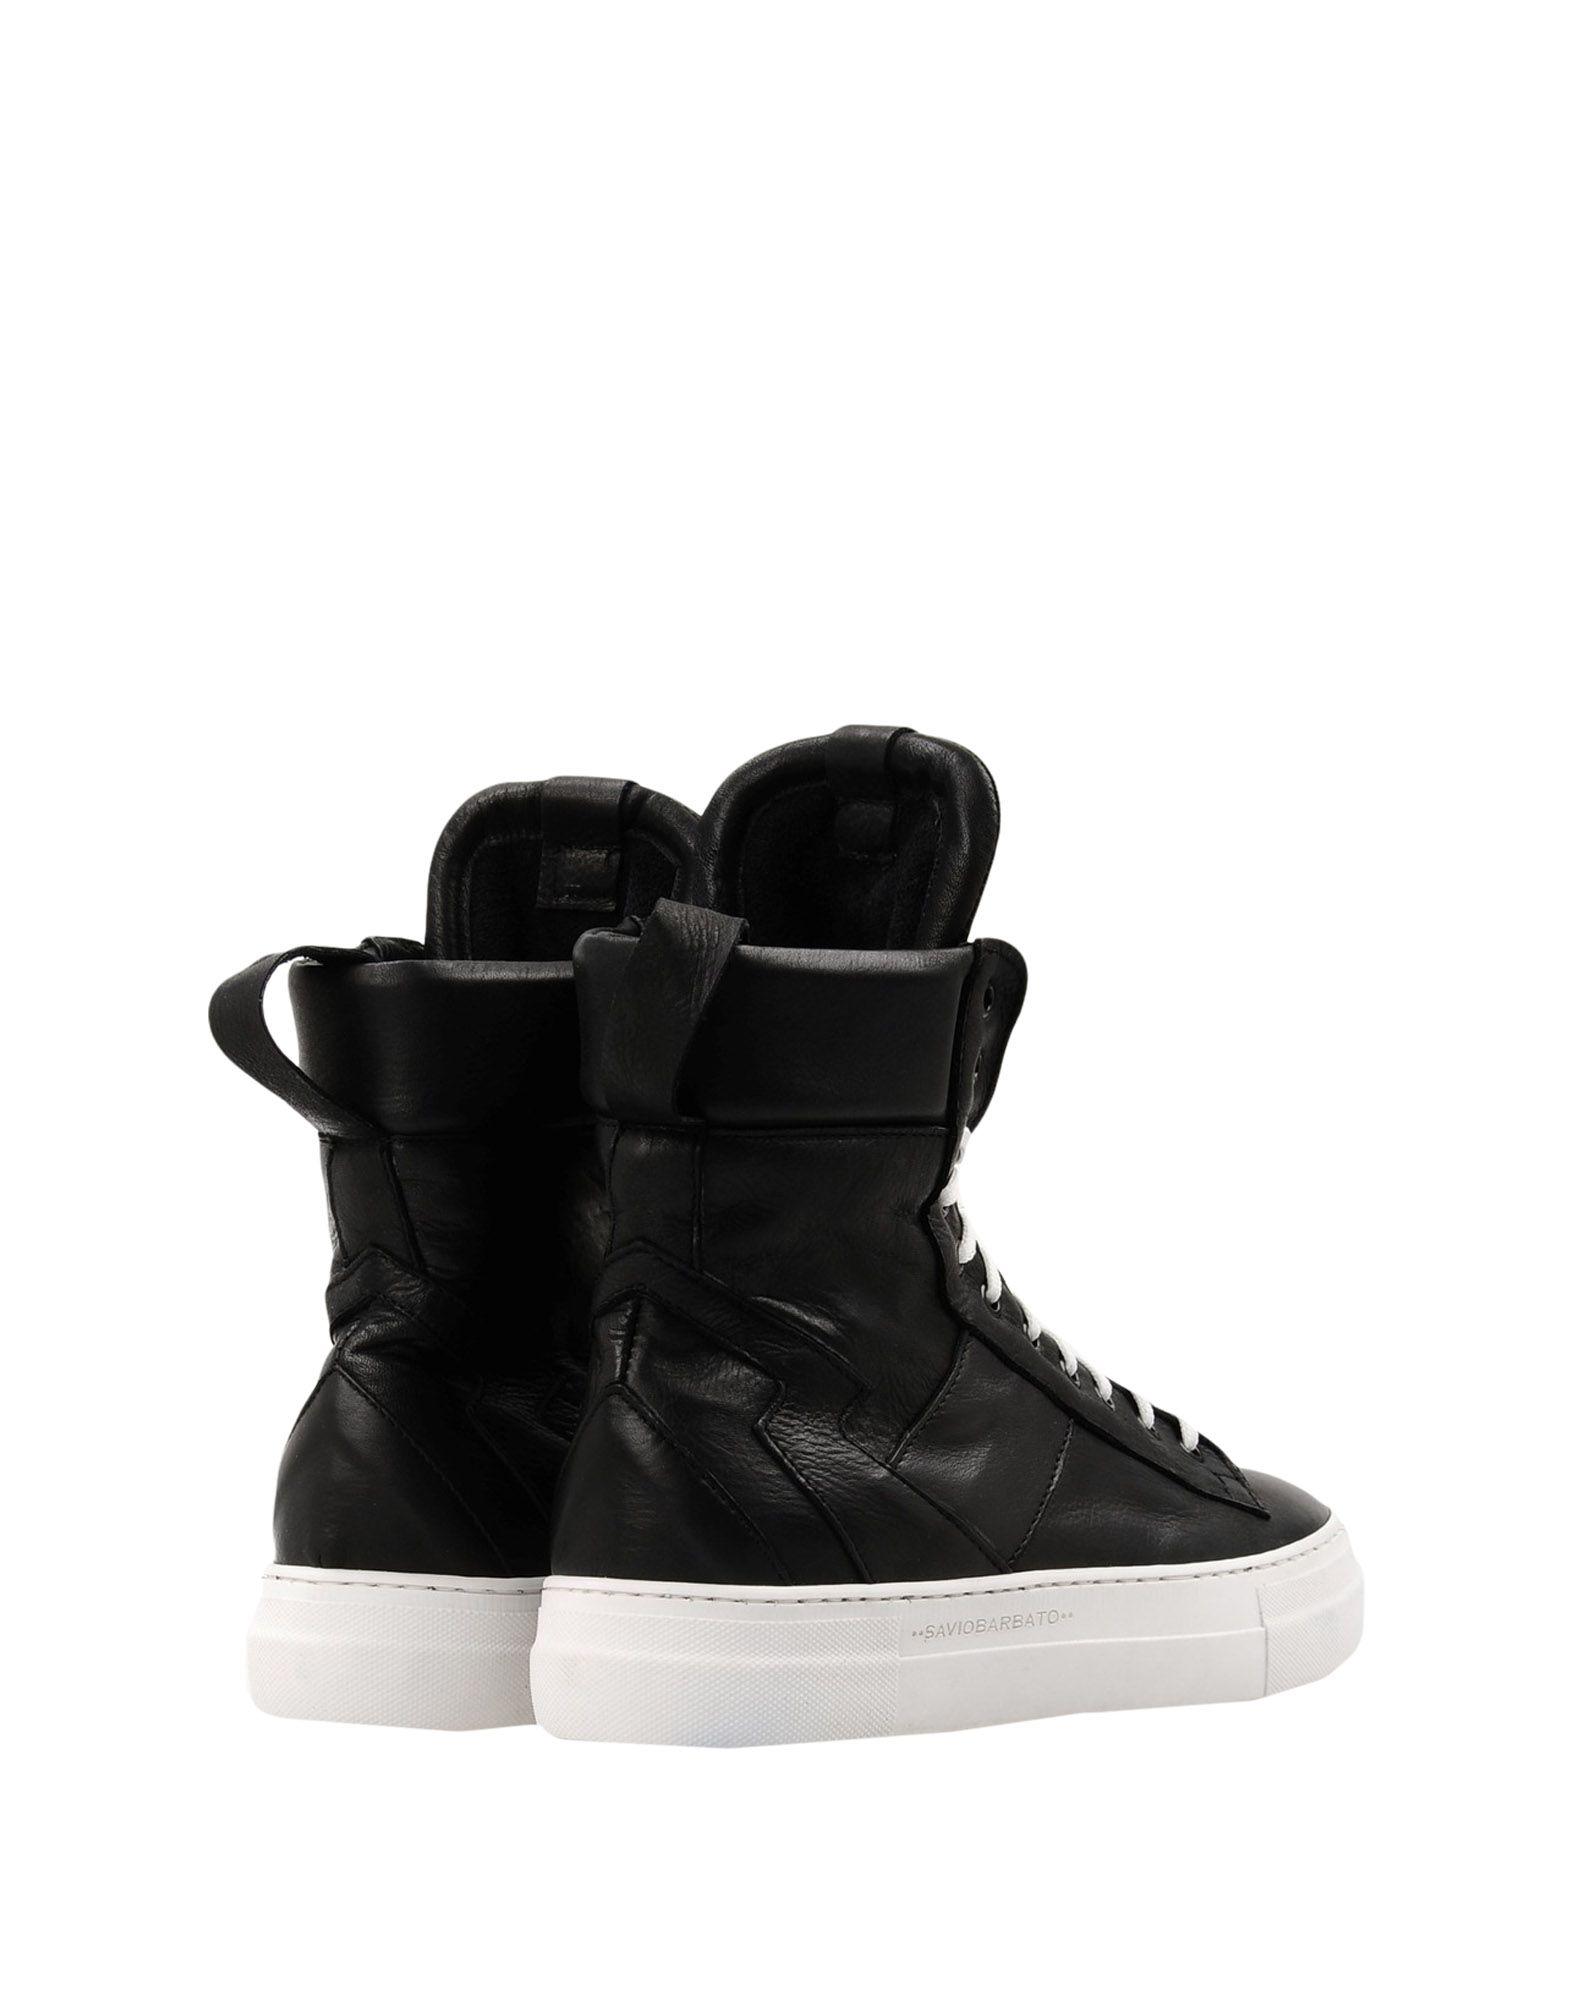 Savio Barbato Sneakers Herren es Gutes Preis-Leistungs-Verhältnis, es Herren lohnt sich 90c5b1